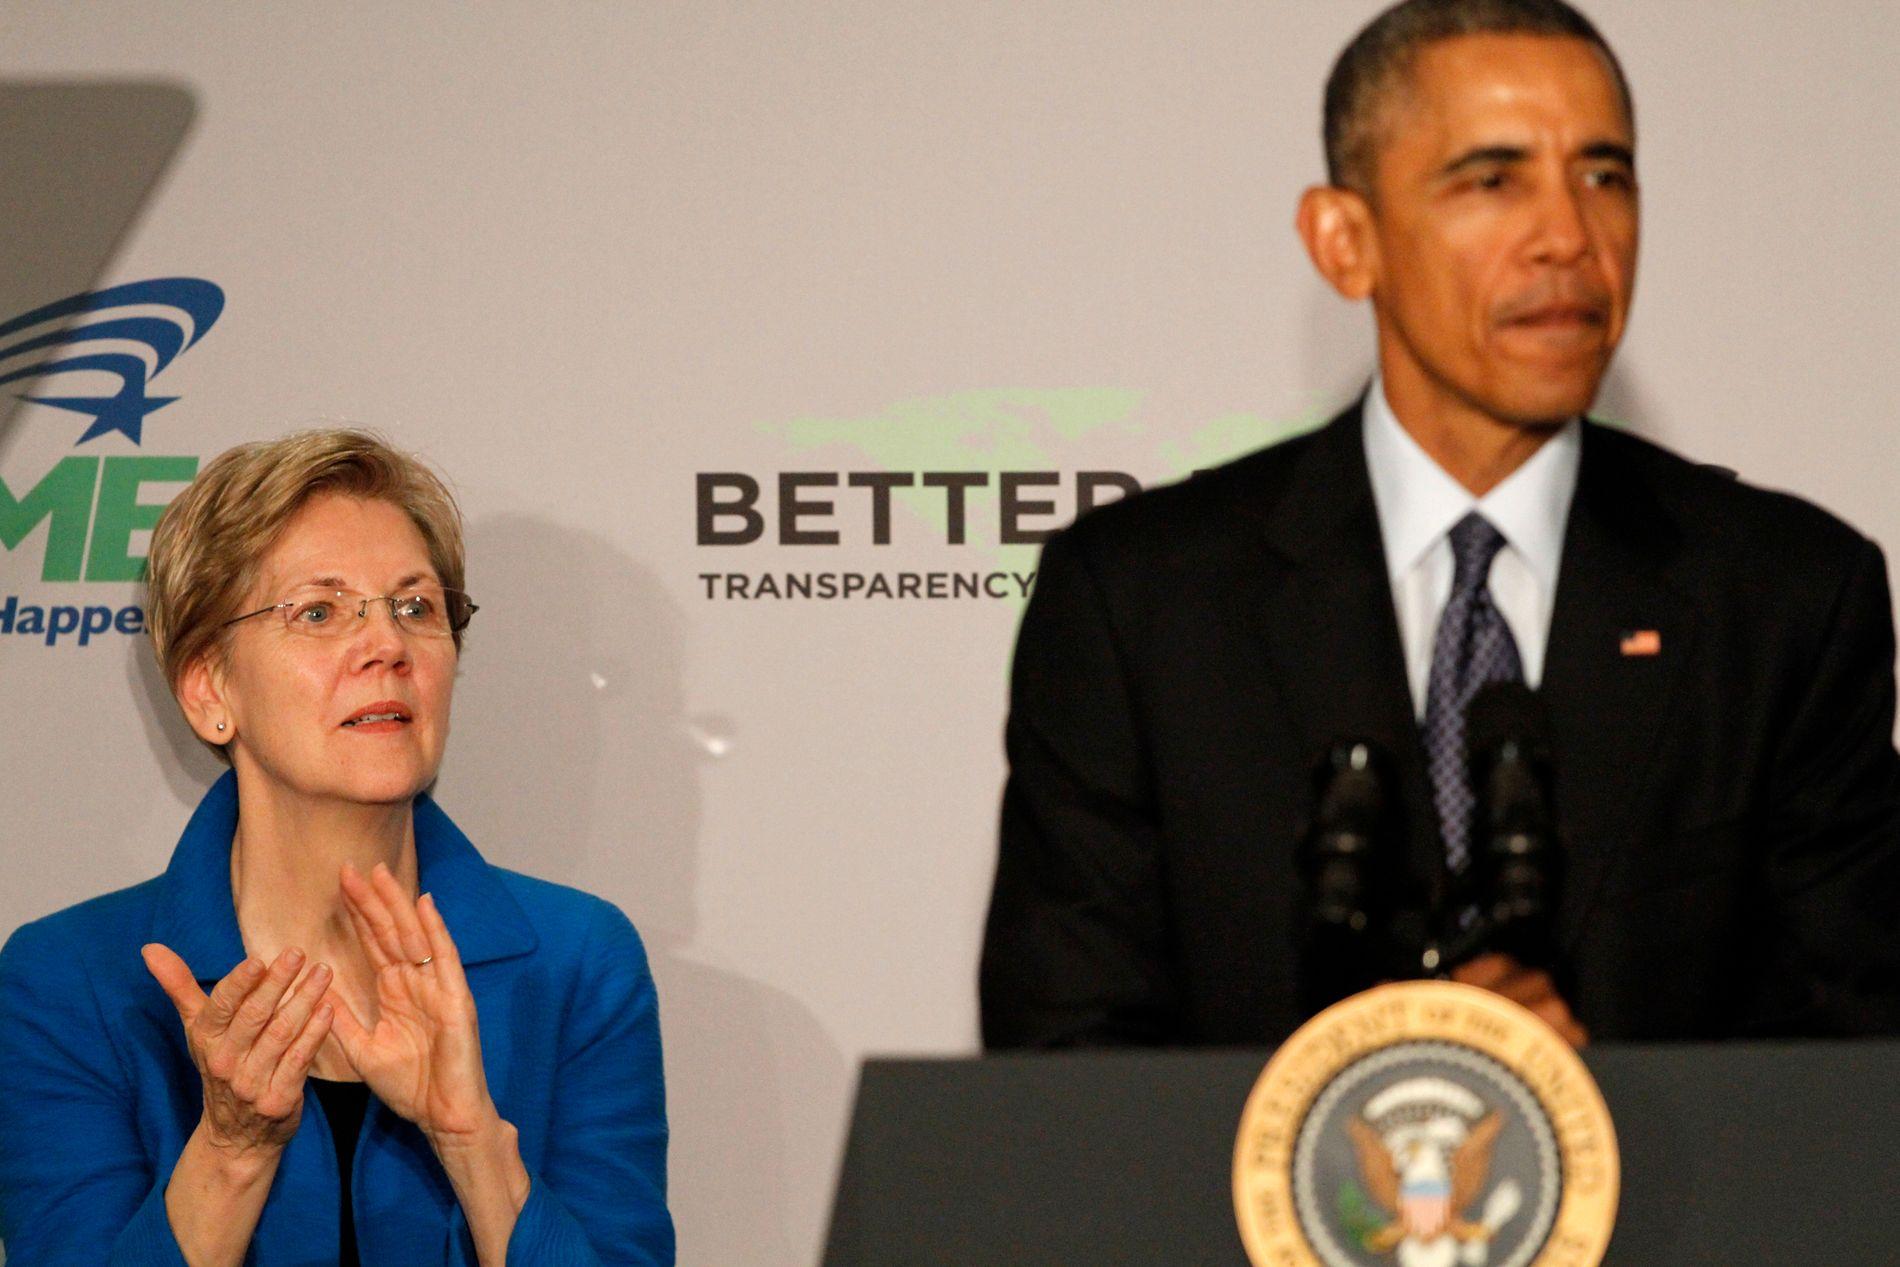 JOBBET FOR PRESIDENTEN: Barack Obama og Elizabeth Warren i 2015. Warren ble utnevnt til leder for Consumer Financial Protection Bureau av Obama i 2010.